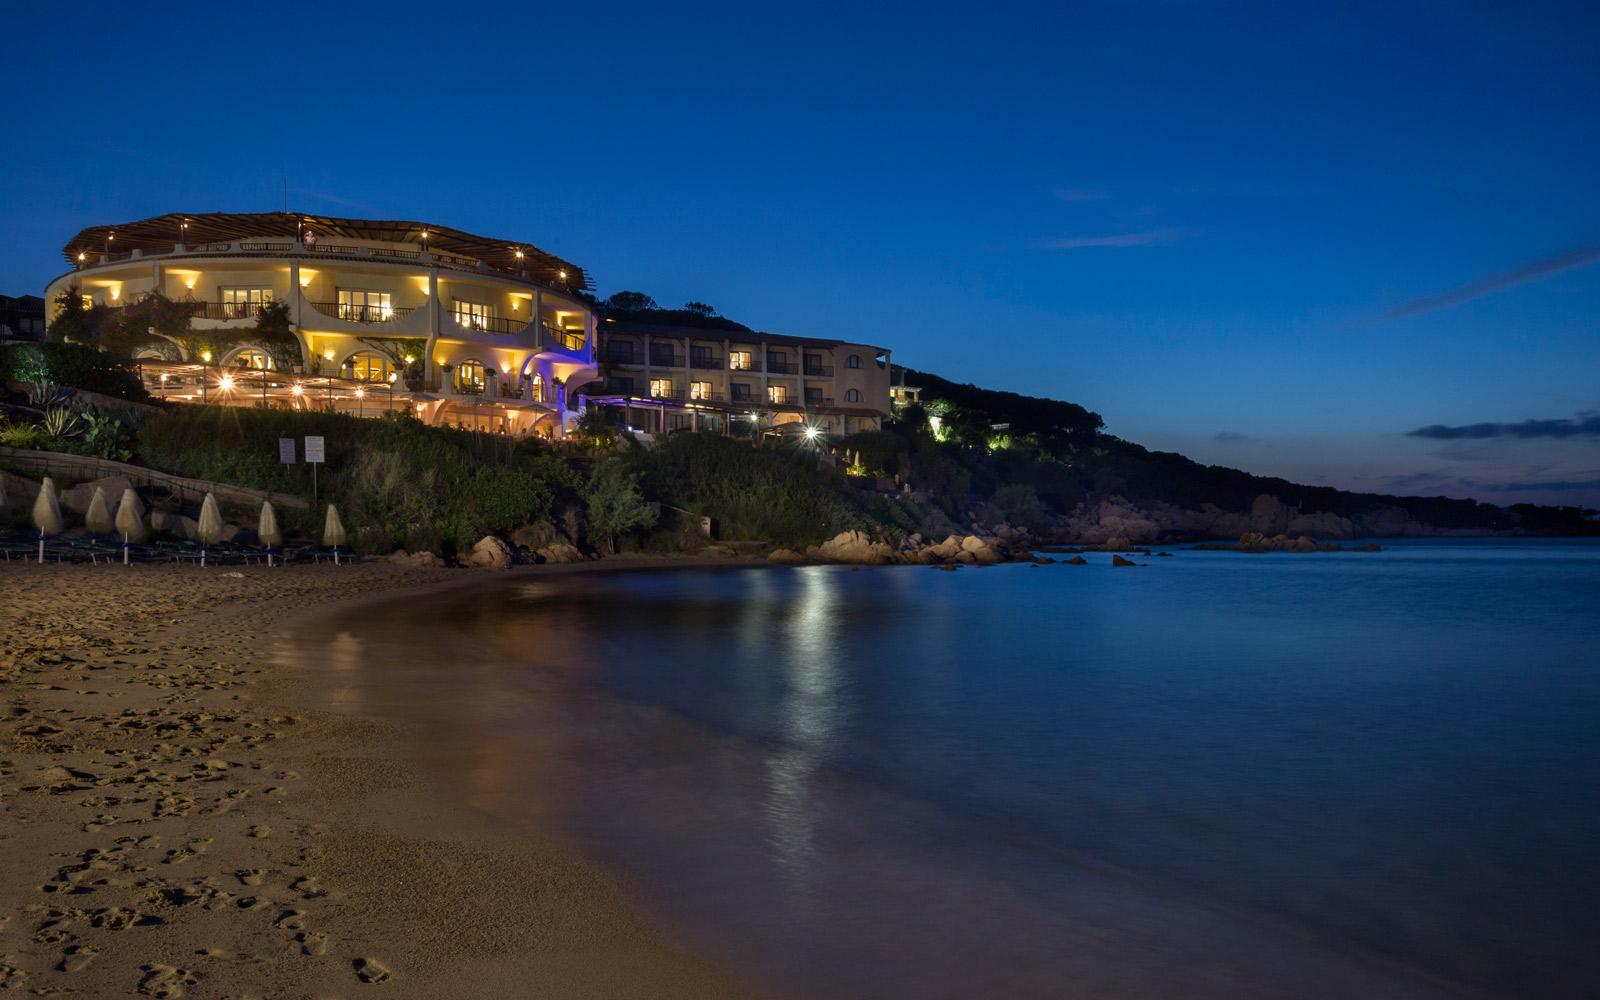 Beach at Night - Club Hotel